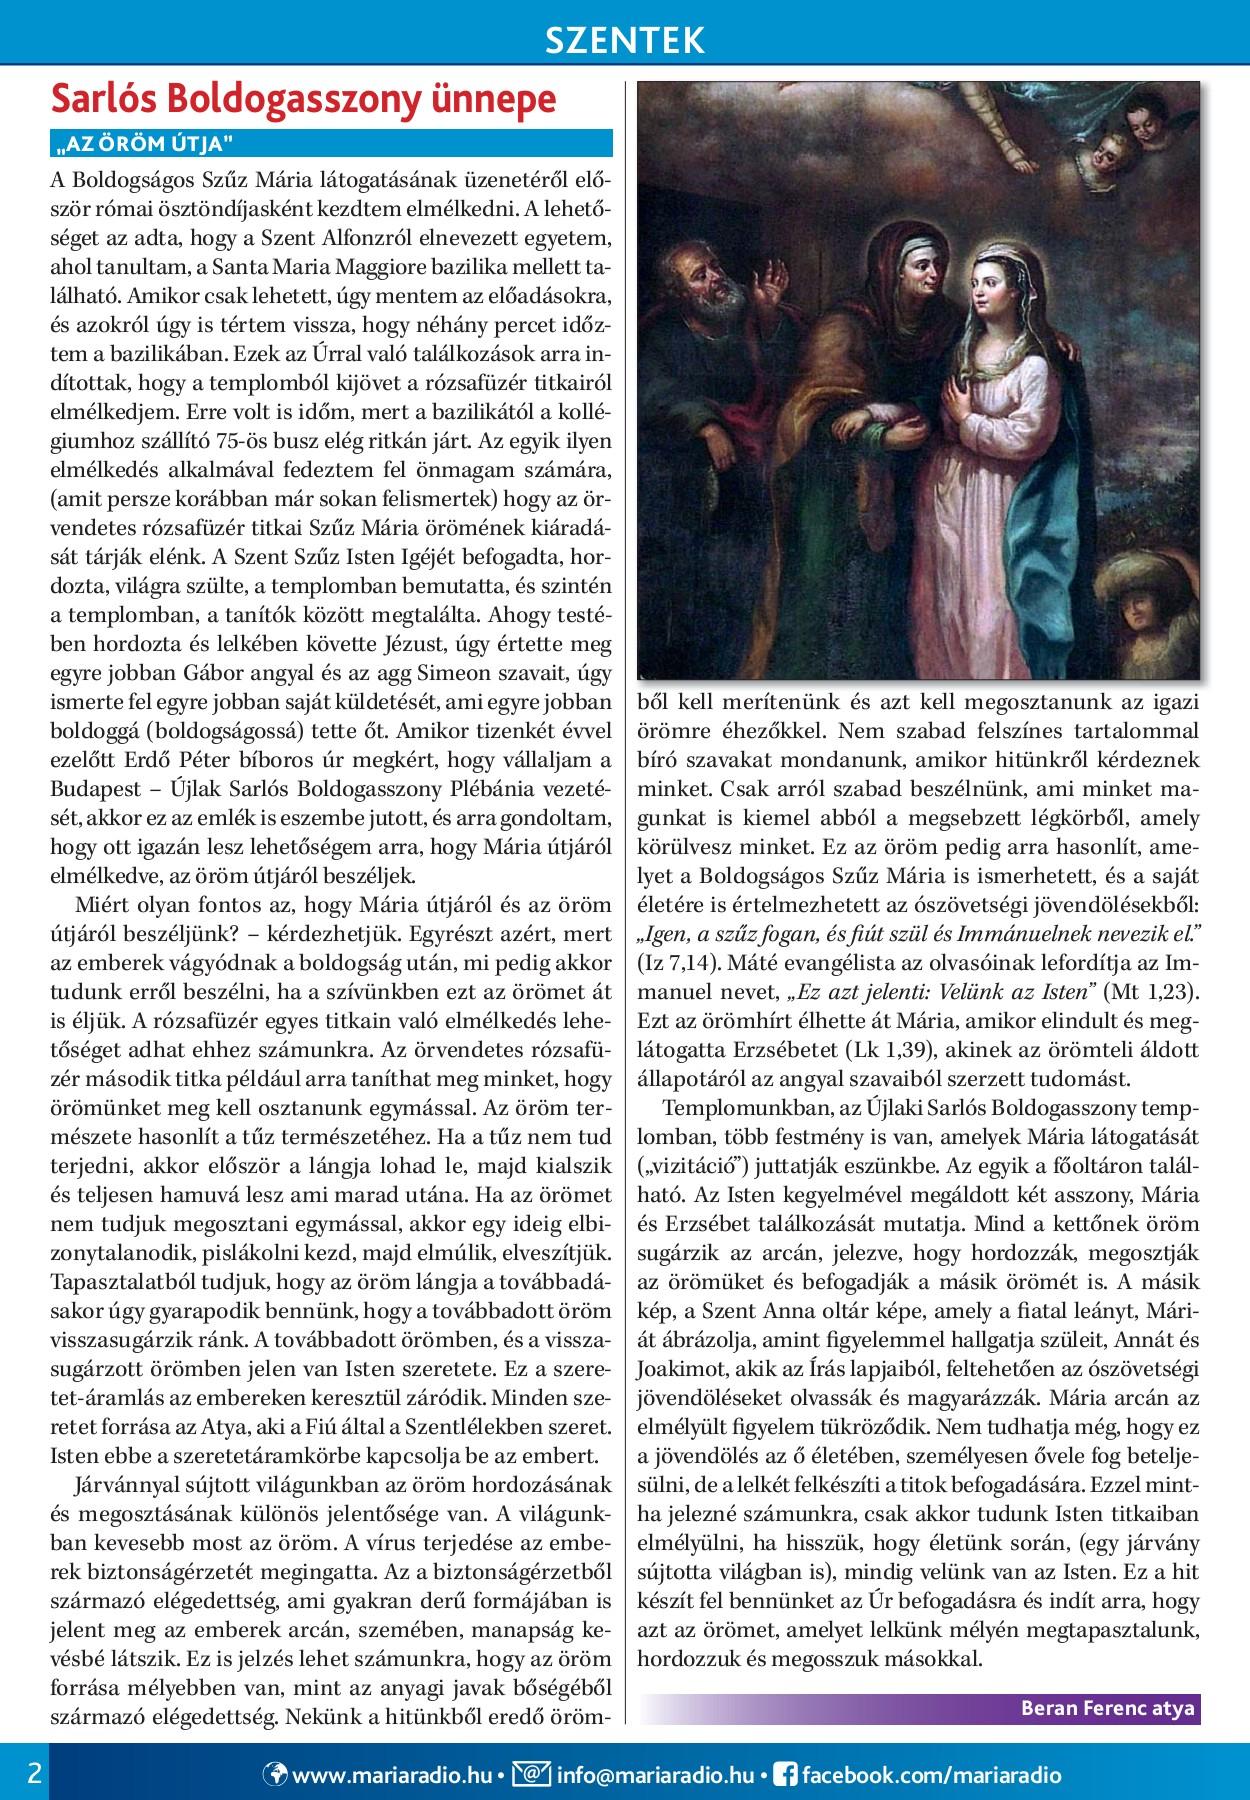 Dr. Dávid Ferenc: Matolcsy látomása és 12 pontja | Mandiner